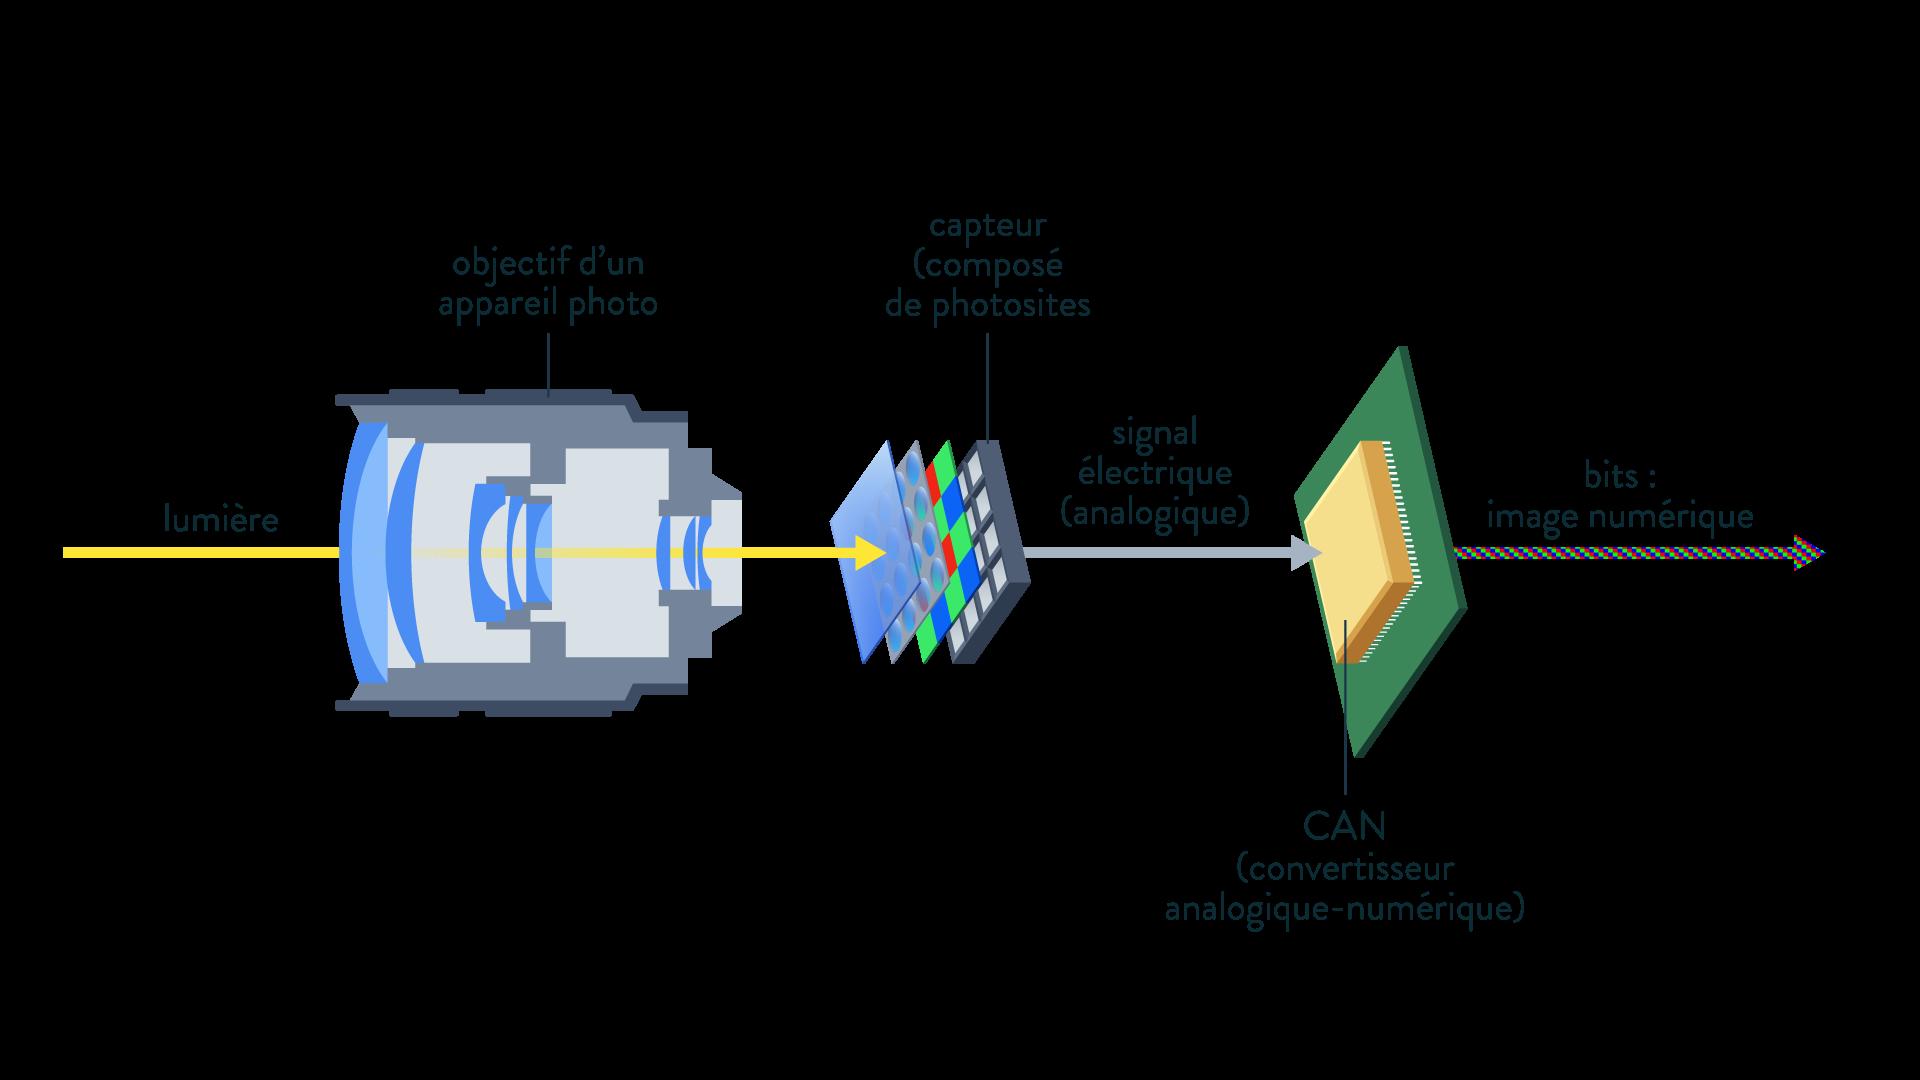 lumière objectif appareil photo capteur photosites signal électrique signal numérique bits CAN convertisseur analogique numérique Sciences numériques et technologie Seconde Comment est captée une image ?